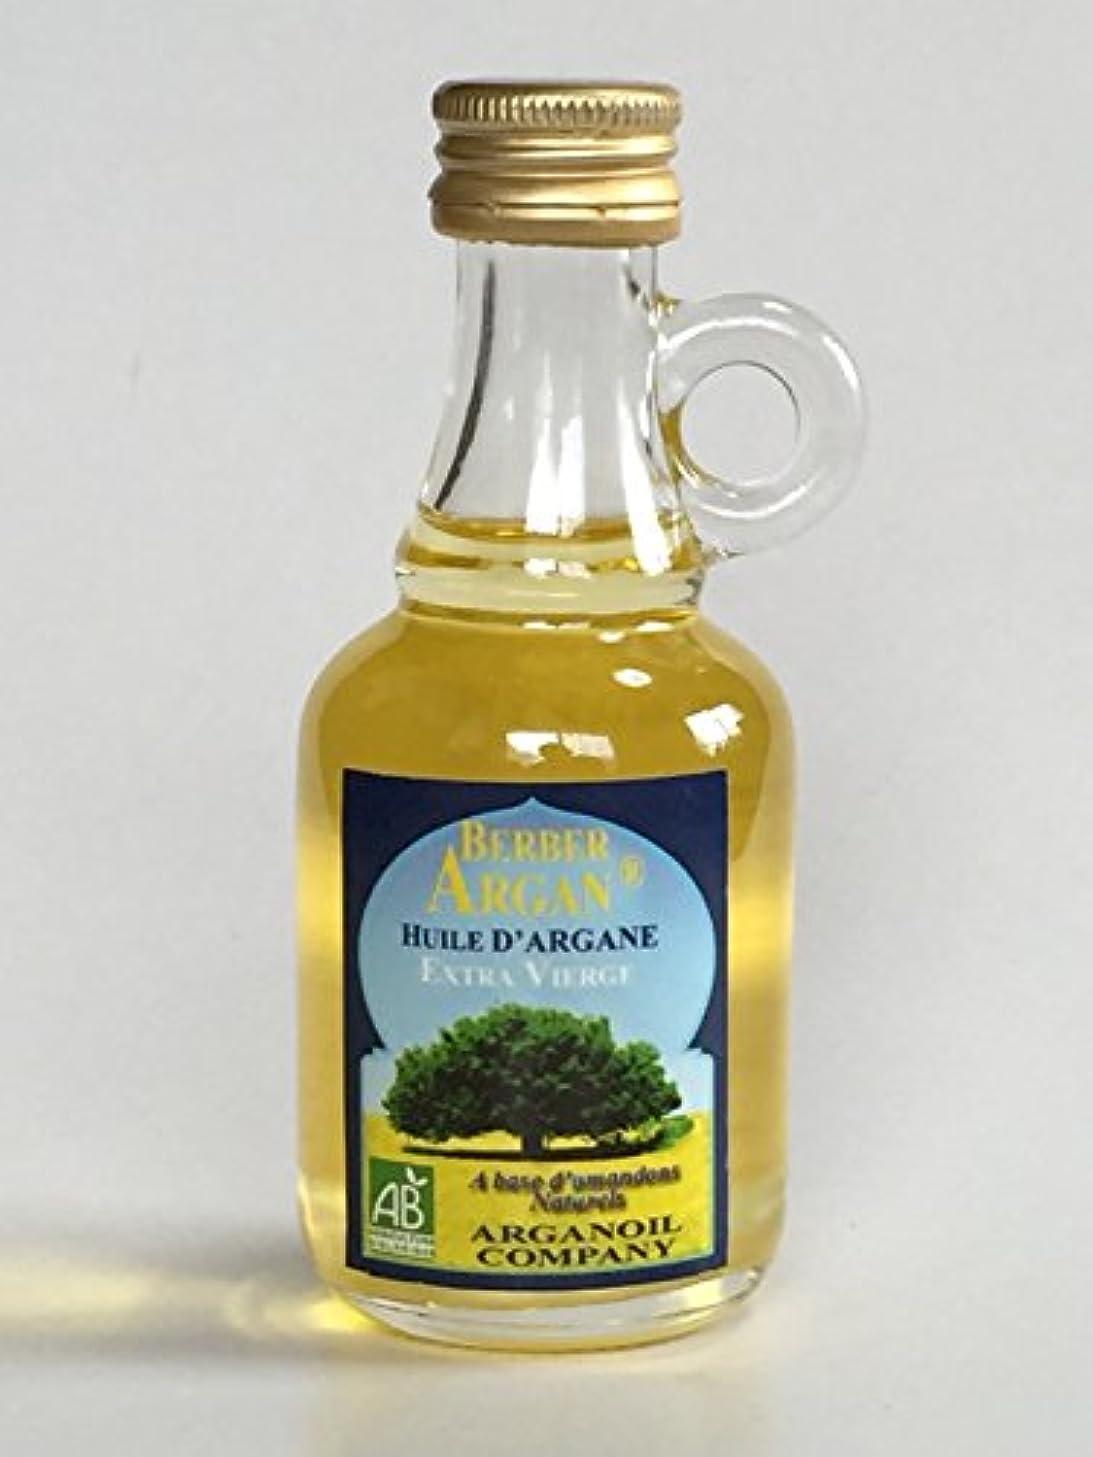 吸う慣習ひまわりモロッコアルガンオイル オーガニック(モロッコ製)